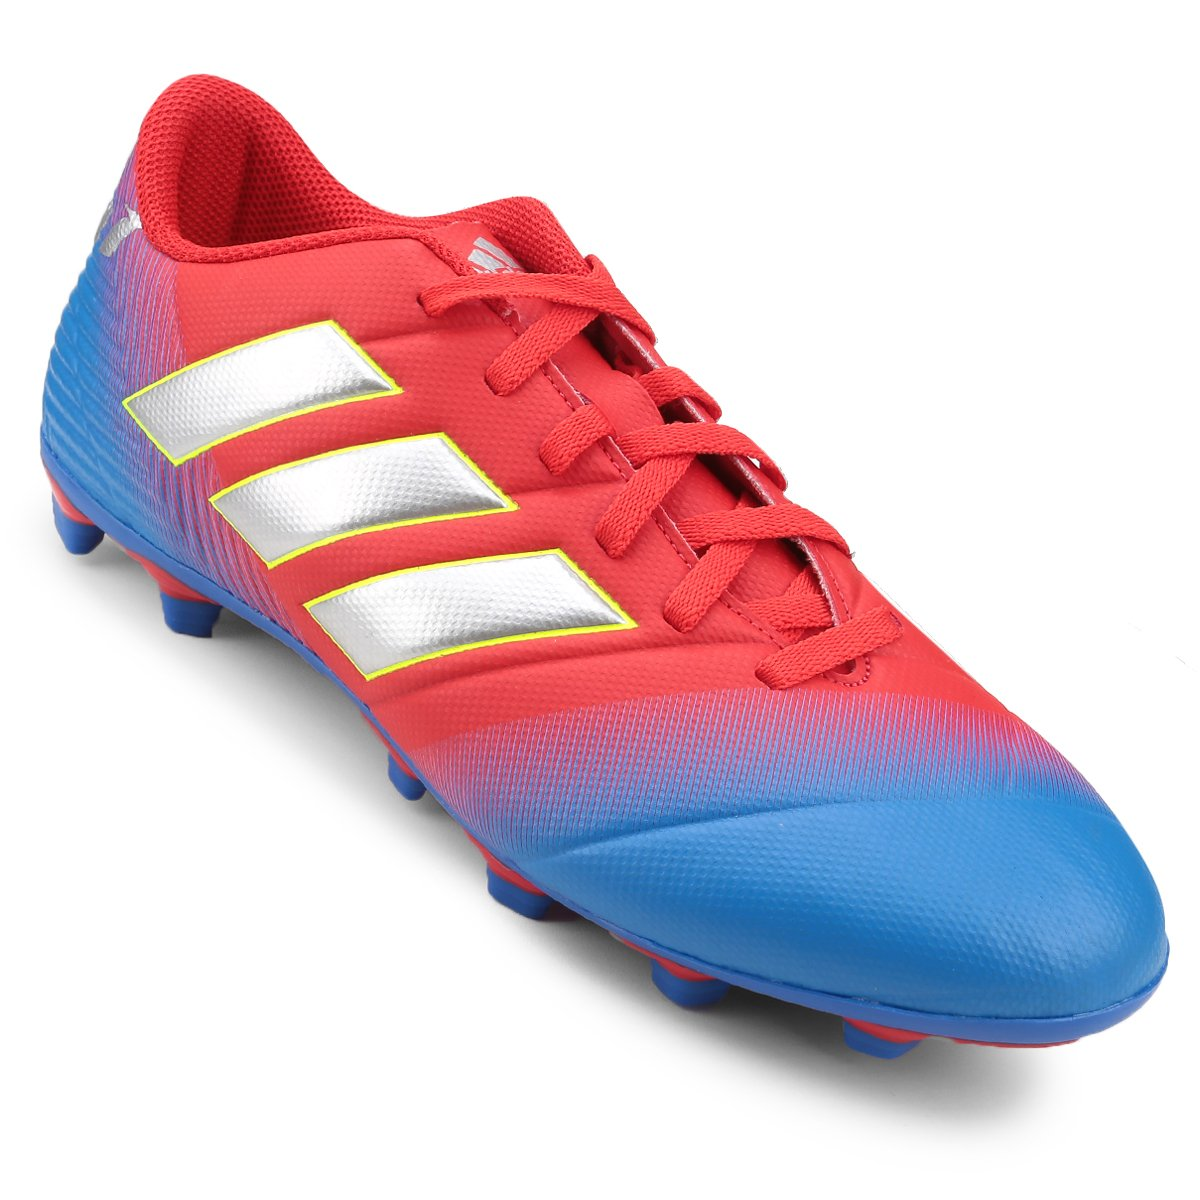 ff164908f3886 Chuteira Campo Adidas Nemeziz Messi 18 4 FG - Compre Agora